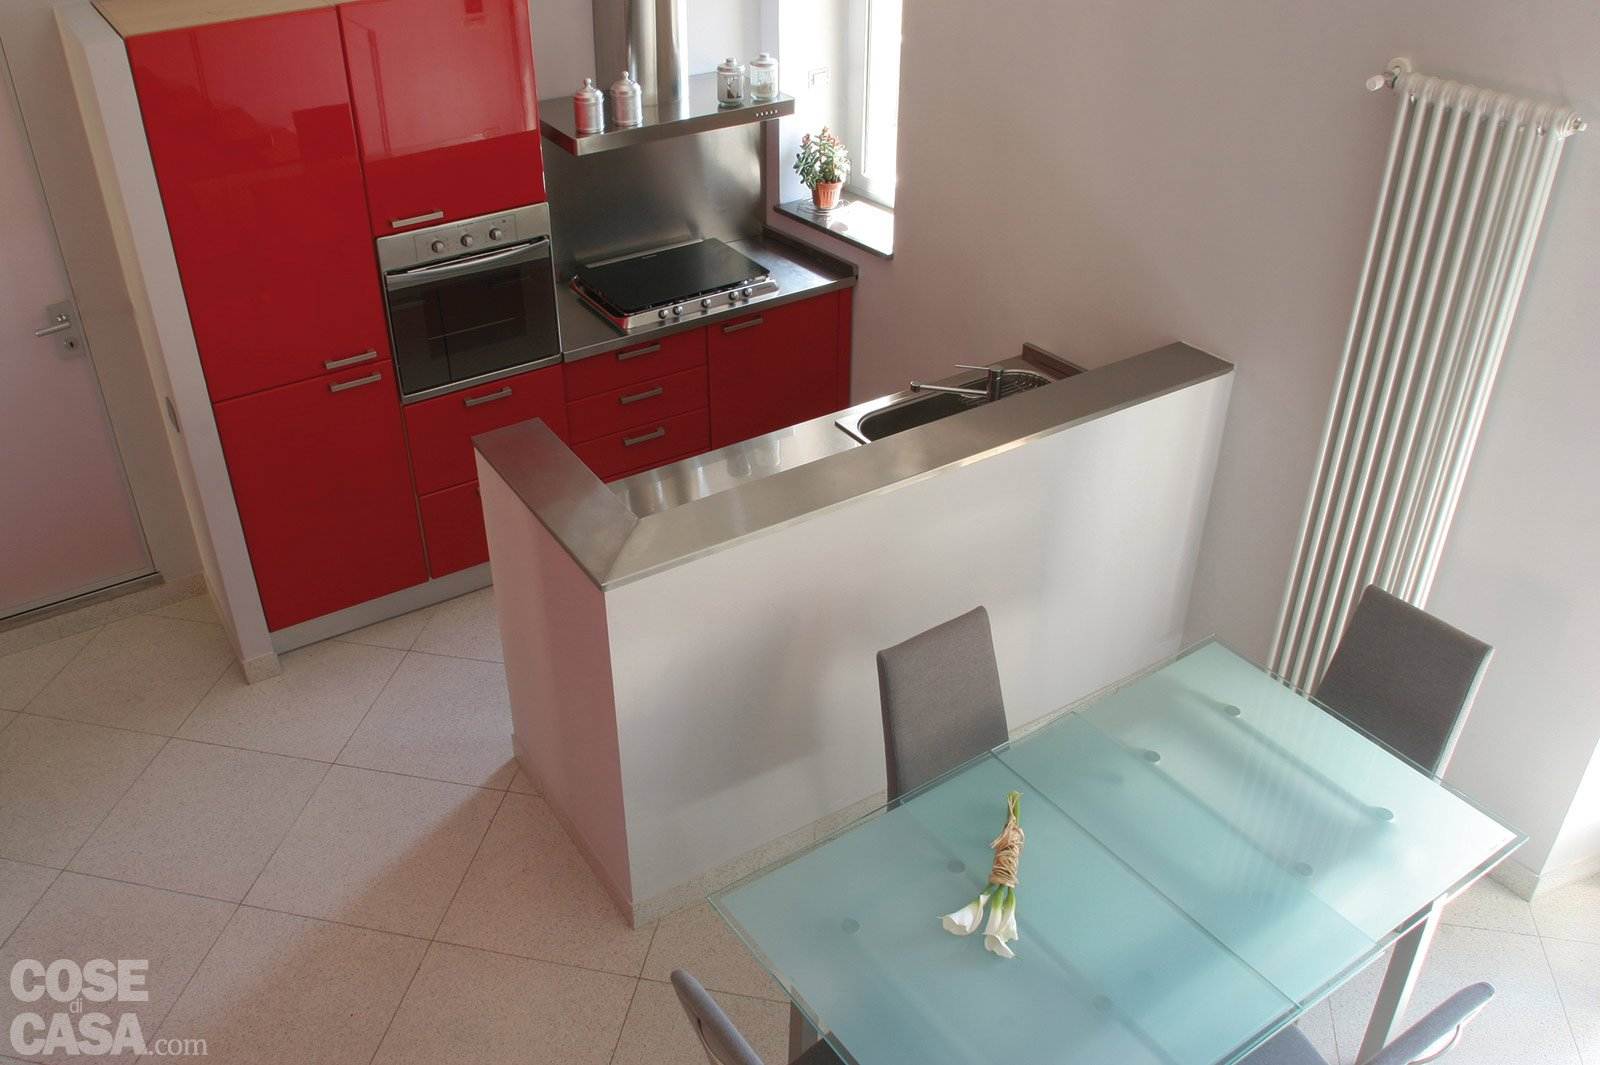 Una casa di 55 mq in rosso cose di casa - Piastrelle cucina prezzi al mq ...